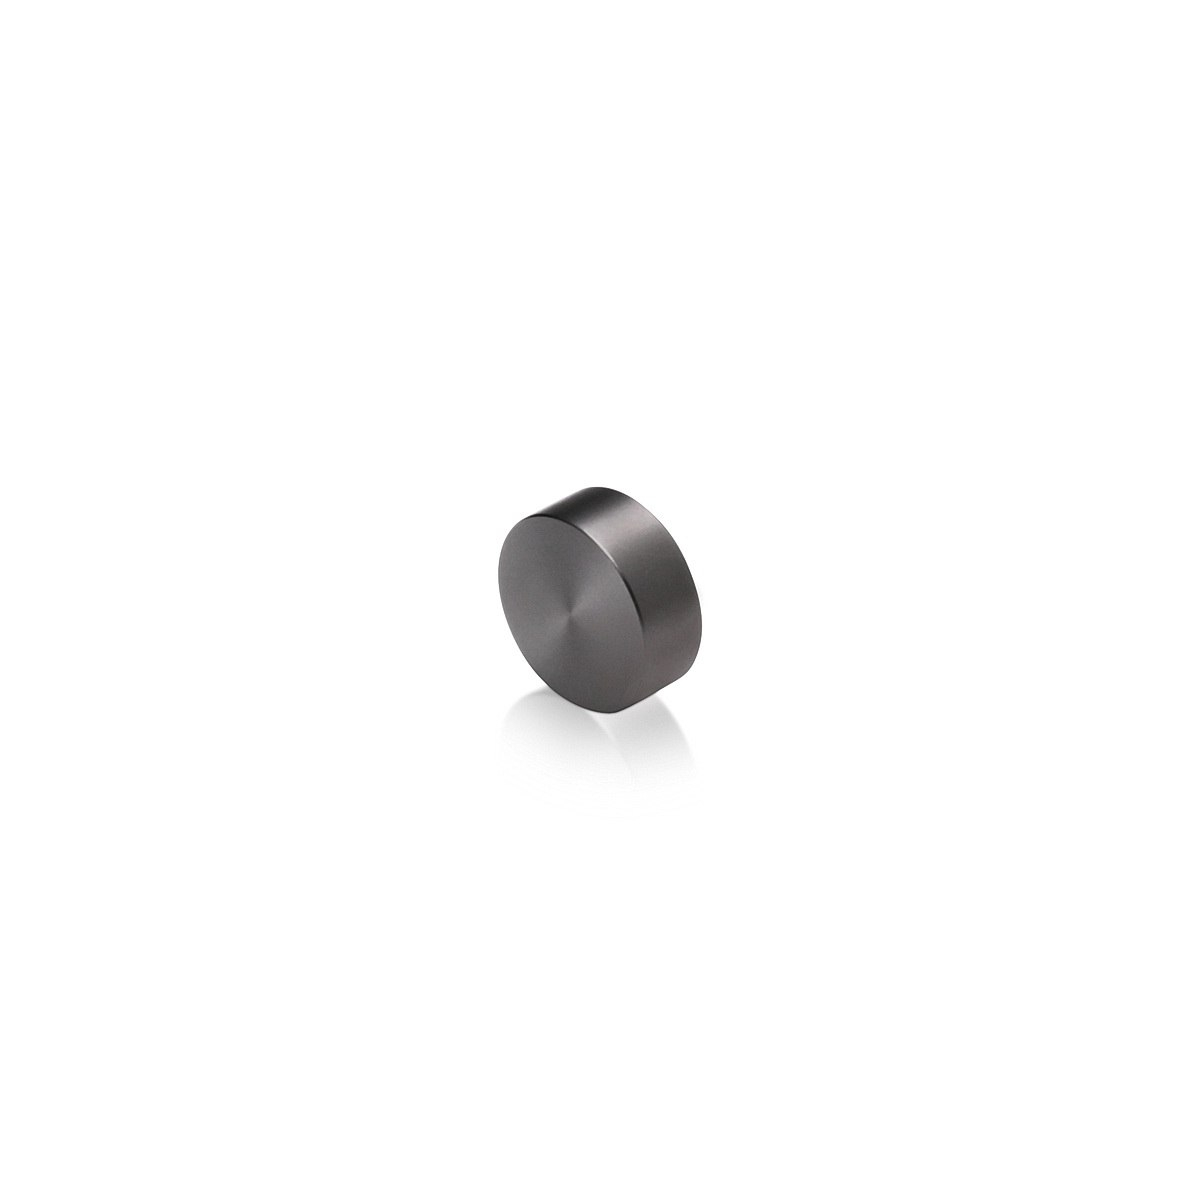 Set of 4 Screw Cover, Diameter: 5/8'', Aluminum Titanium Finish